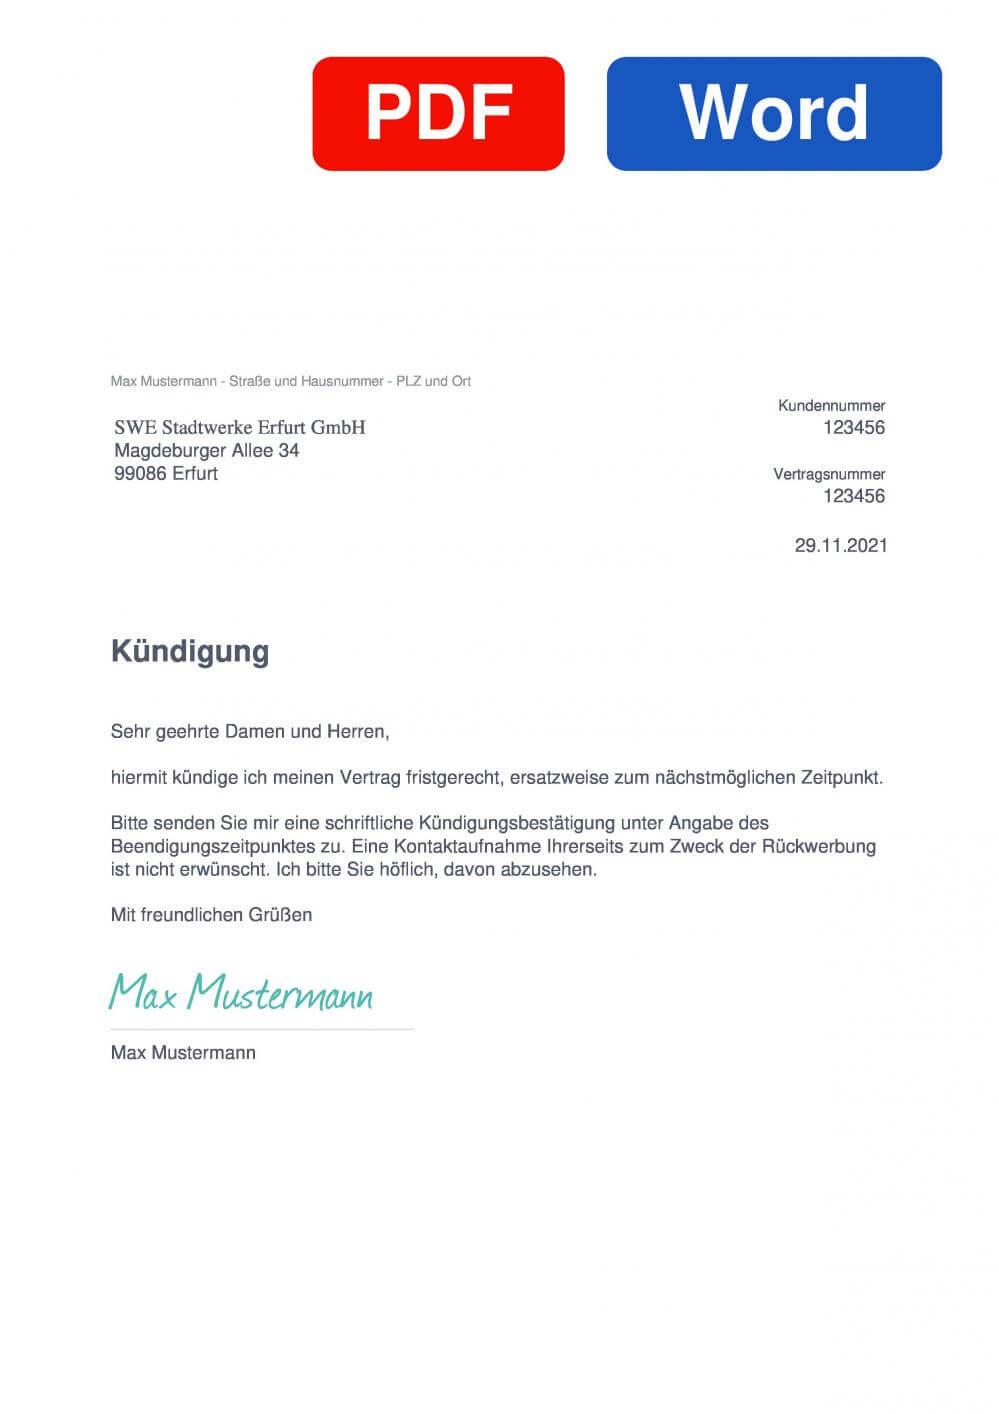 EVAG Muster Vorlage für Kündigungsschreiben